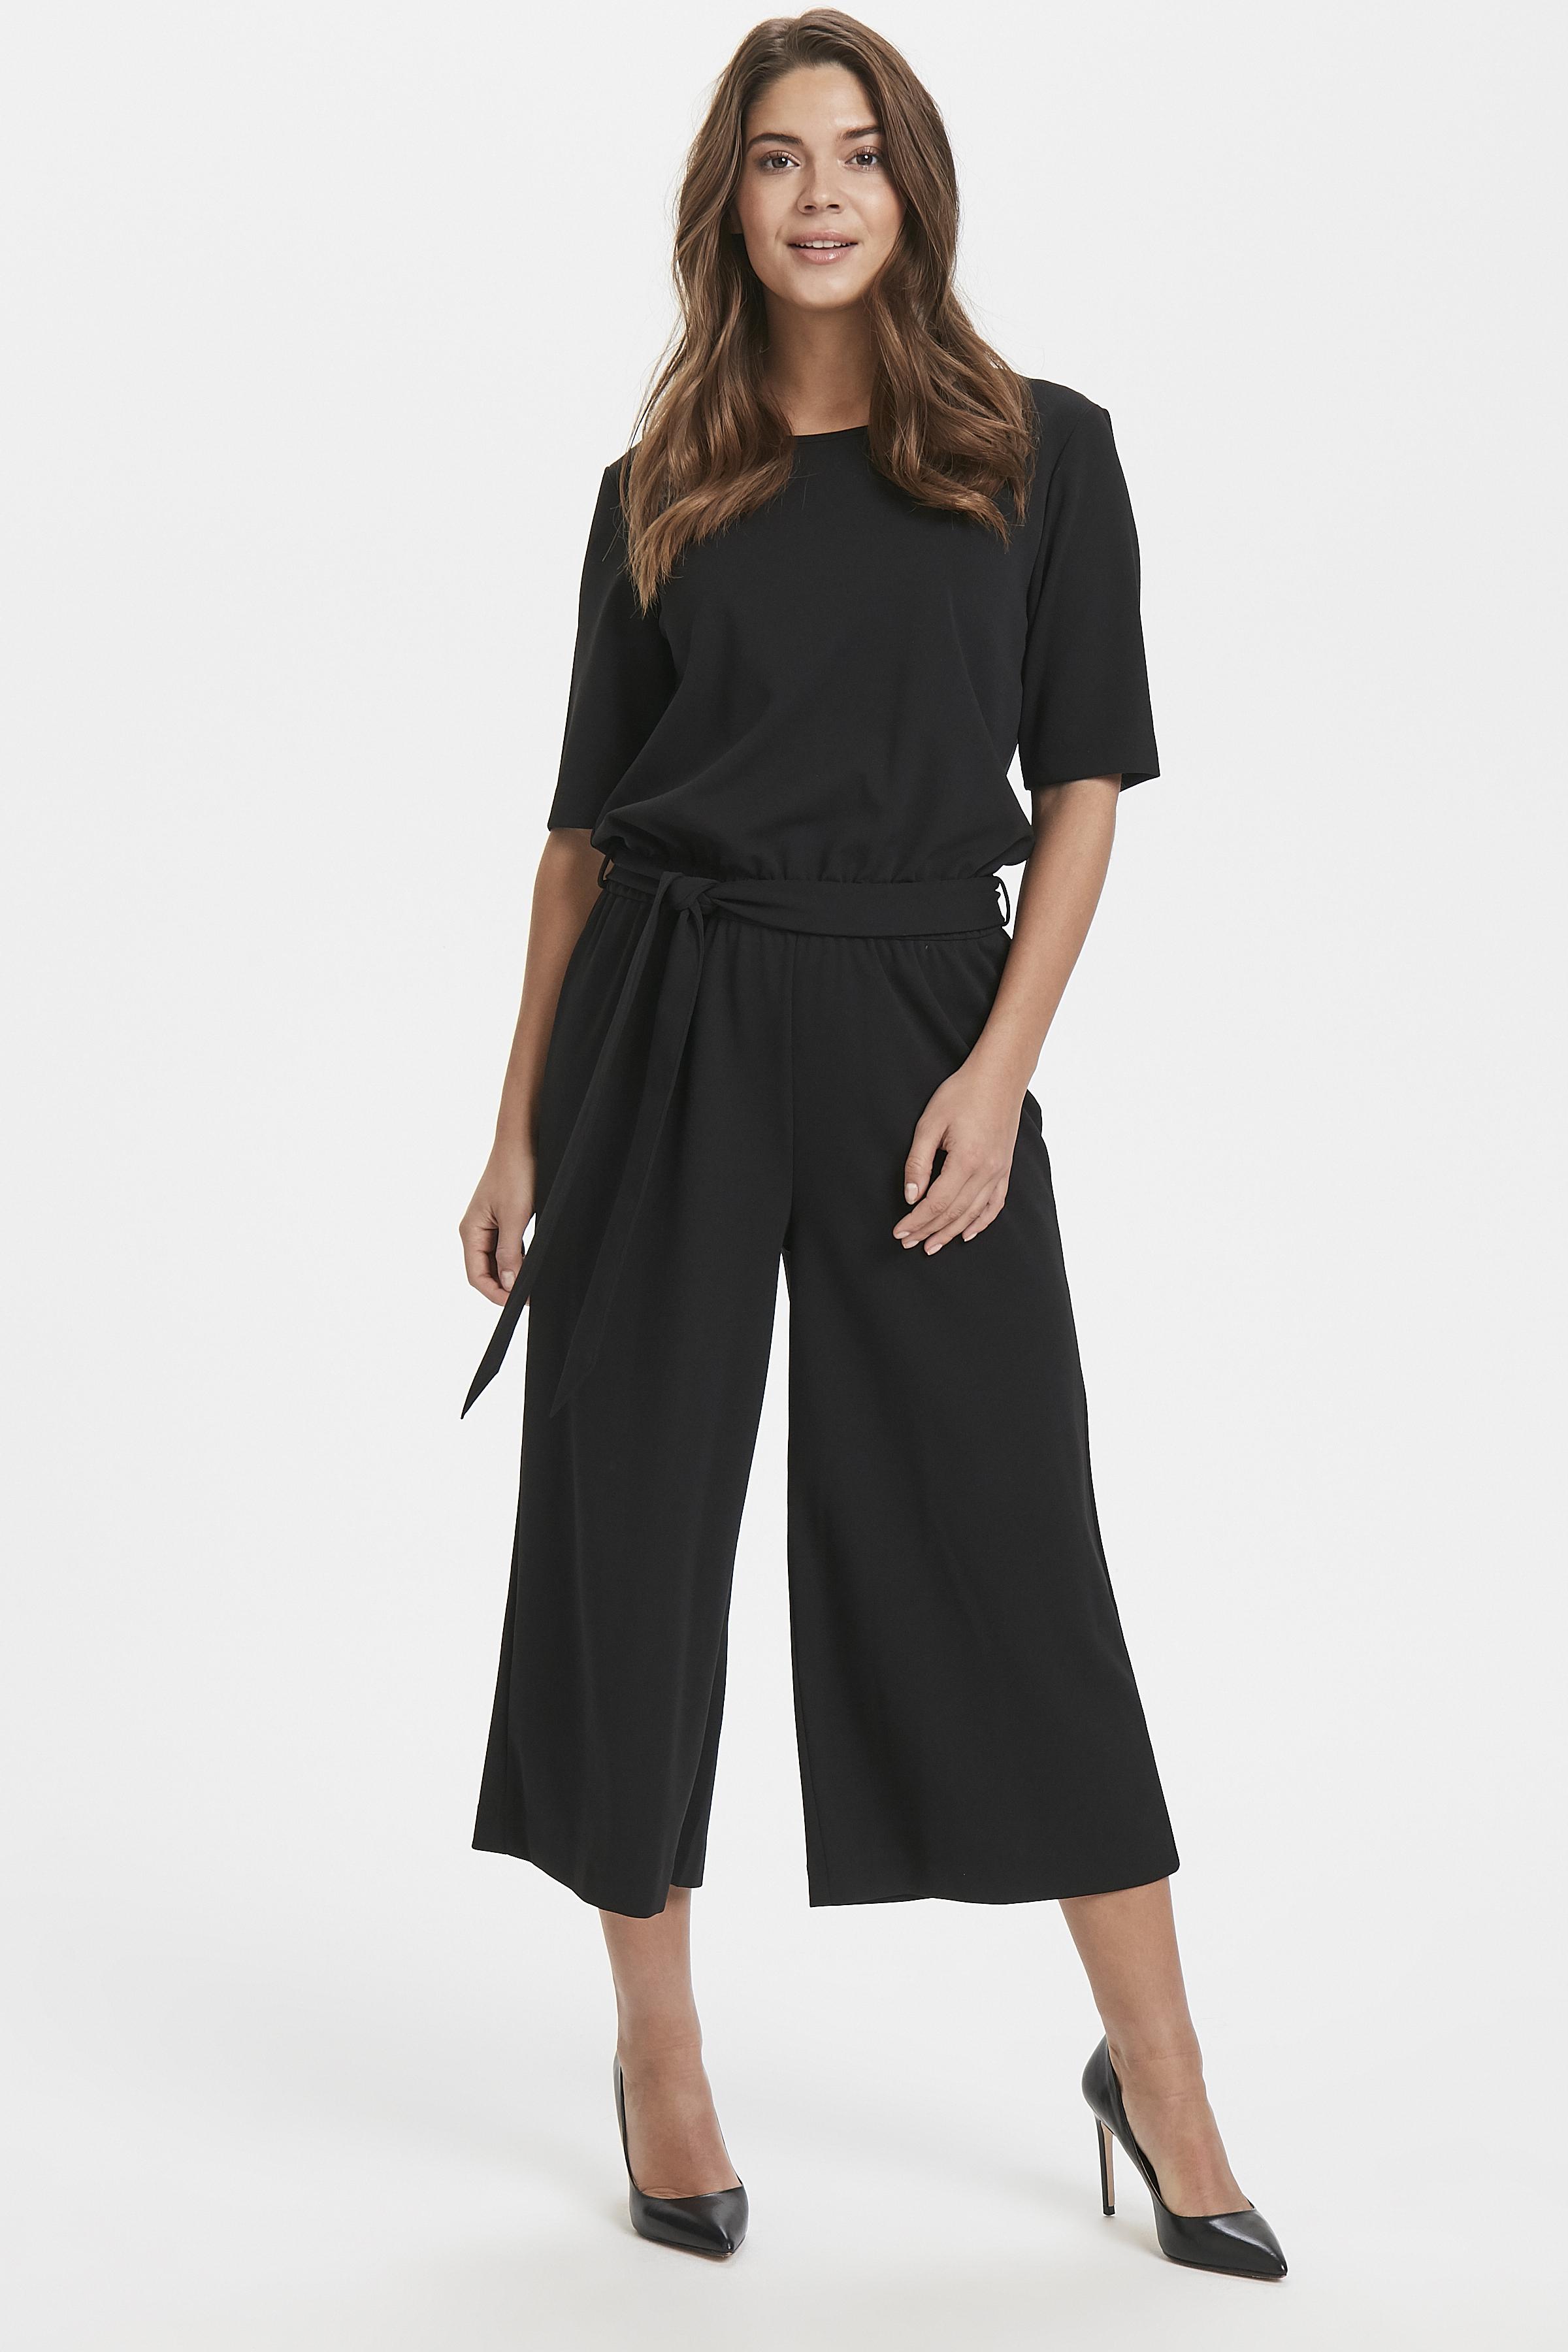 Black Overall von b.young – Kaufen Sie Black Overall aus Größe XS-XXL hier